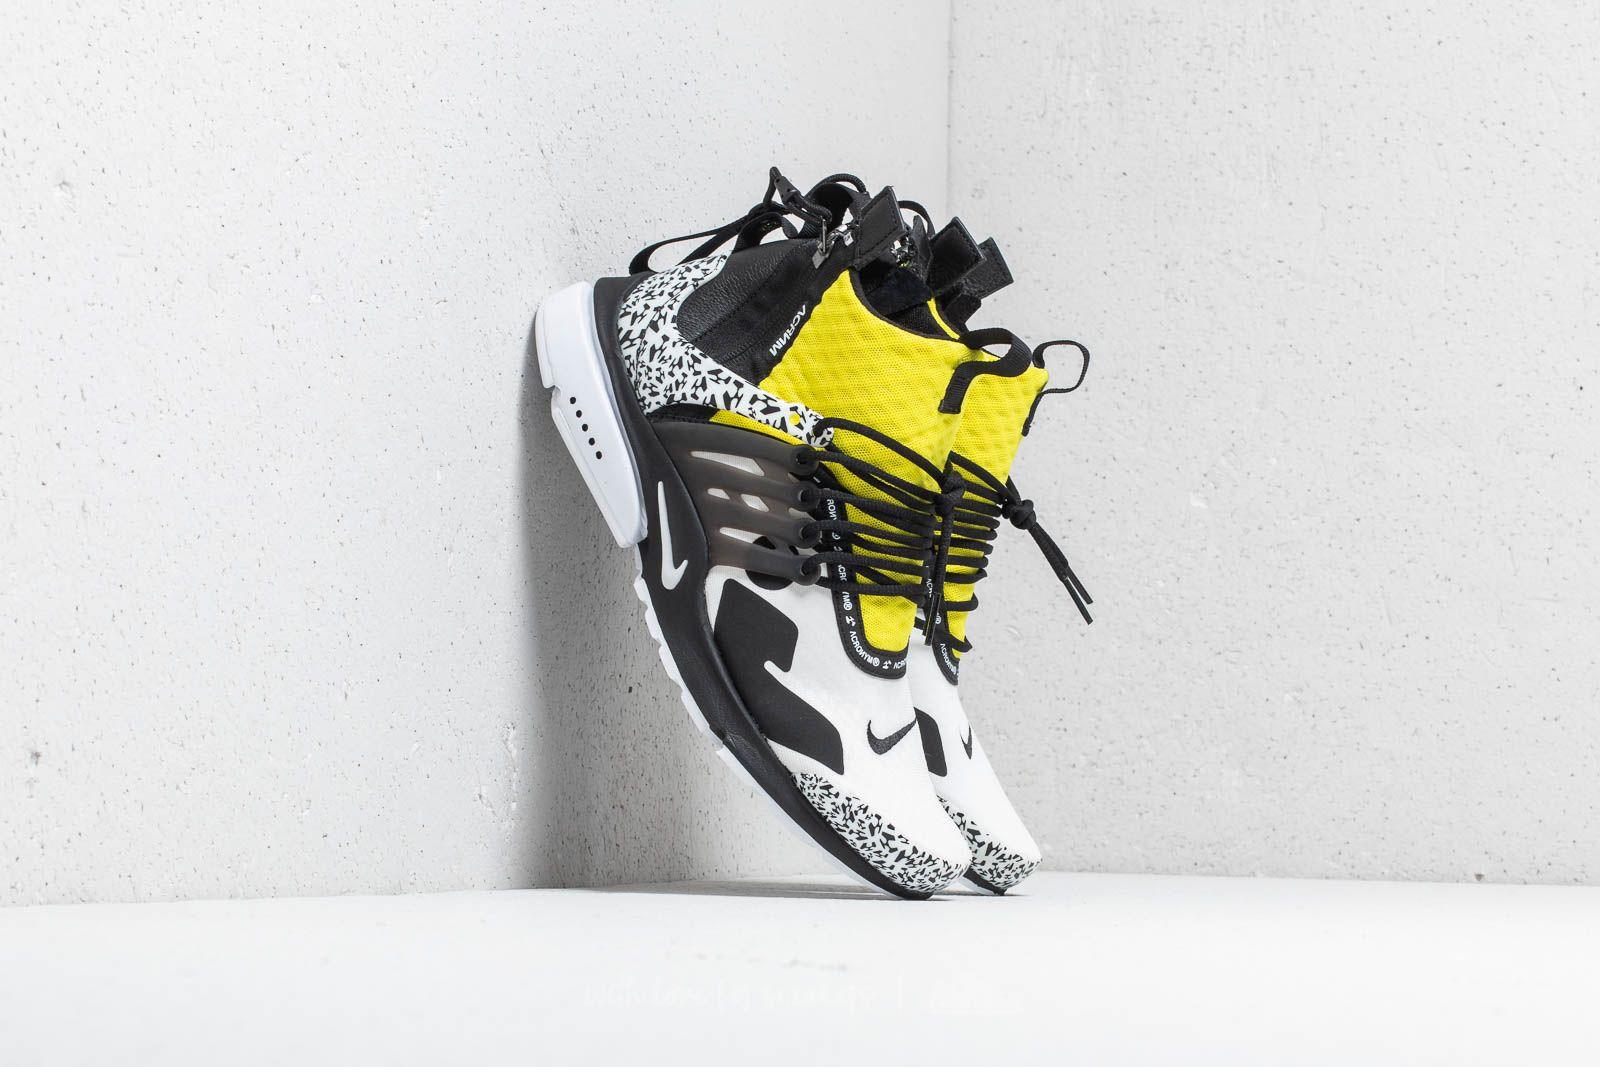 Nike x Acronym Air Presto Mid